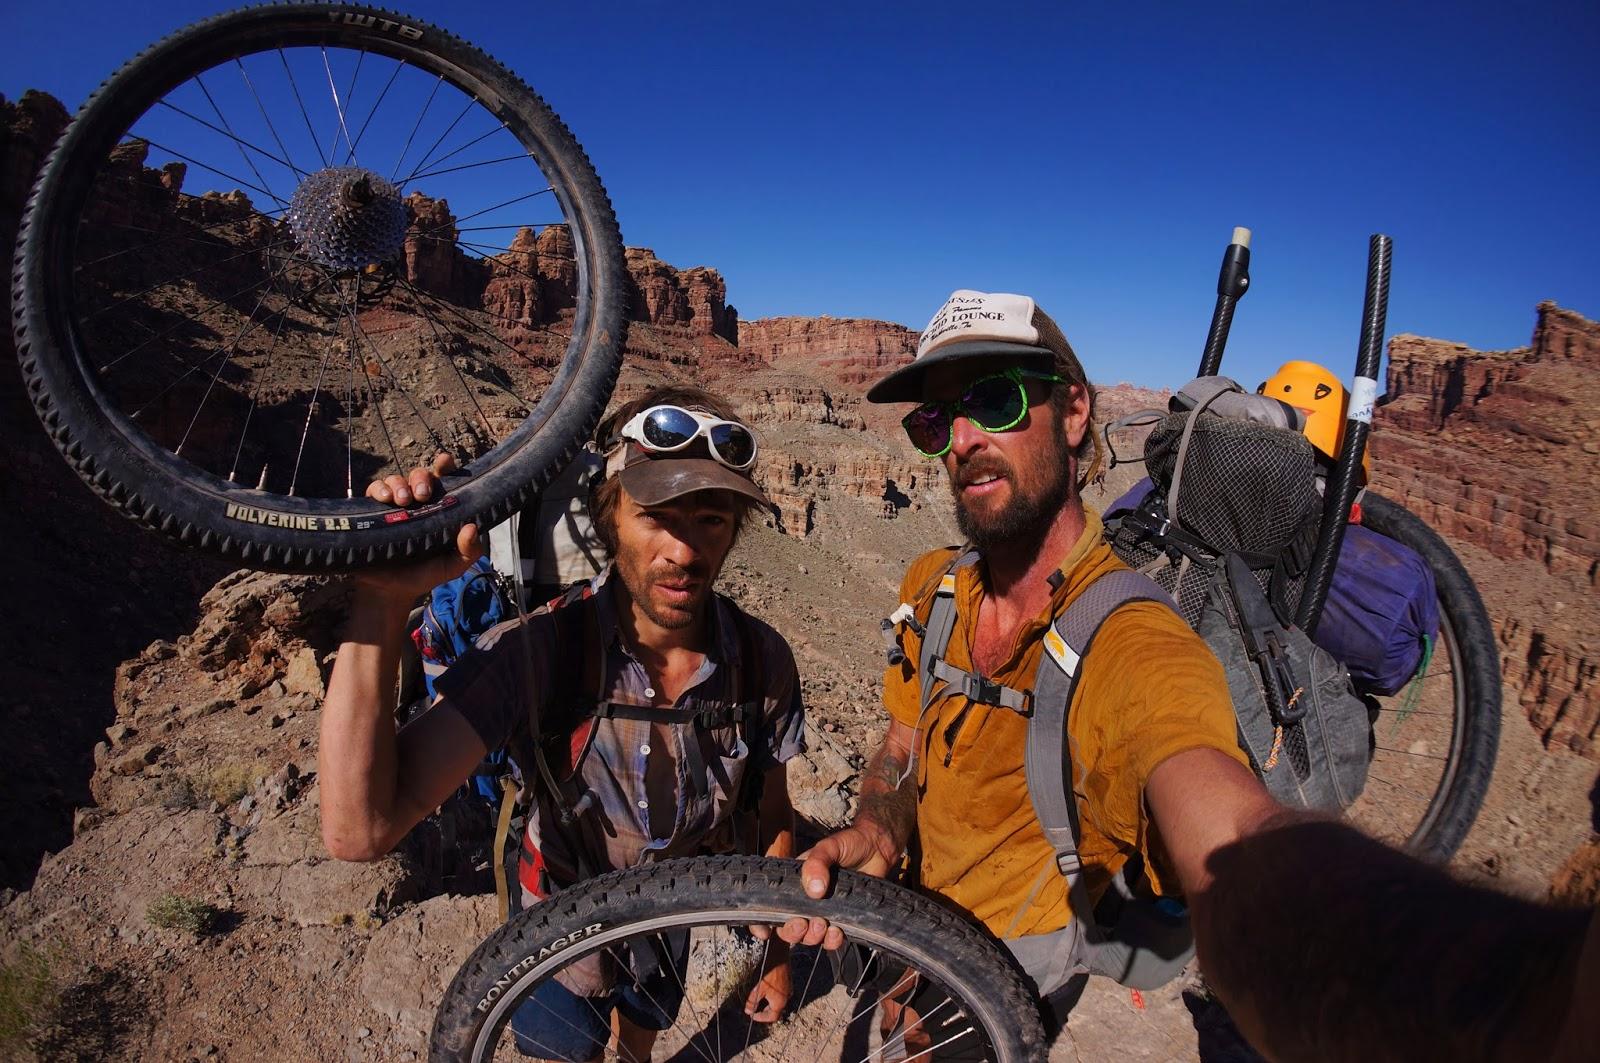 Thad Ferrell and Steve Fassbinder bikeraft desert Utah.